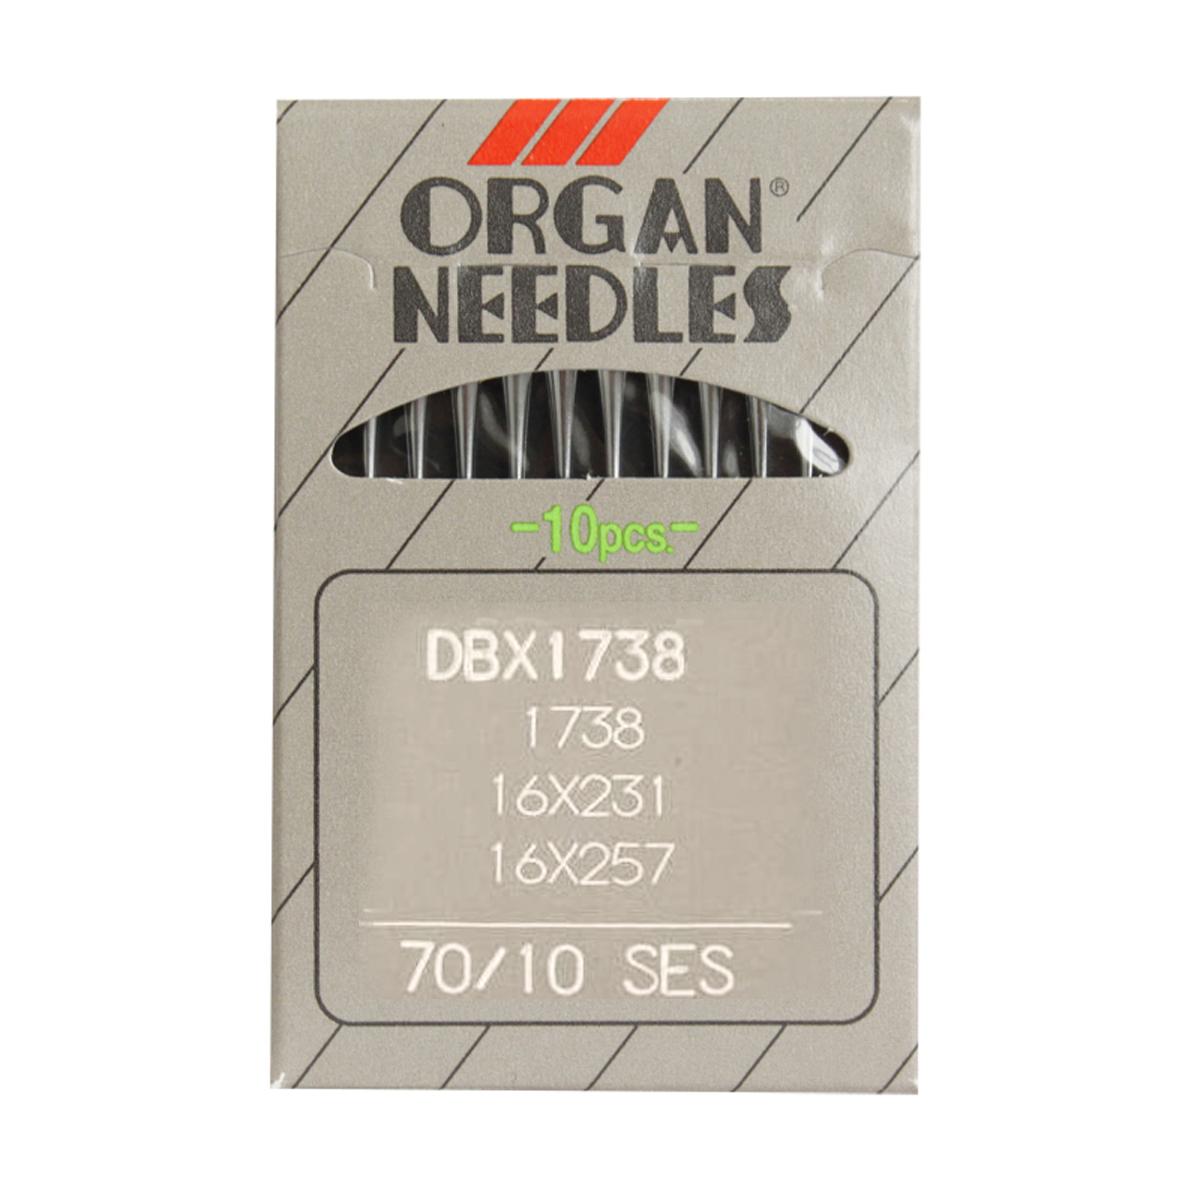 Иглы для промышленных машин Organ DB x 1/ 70 J (SES), 10 шт162275